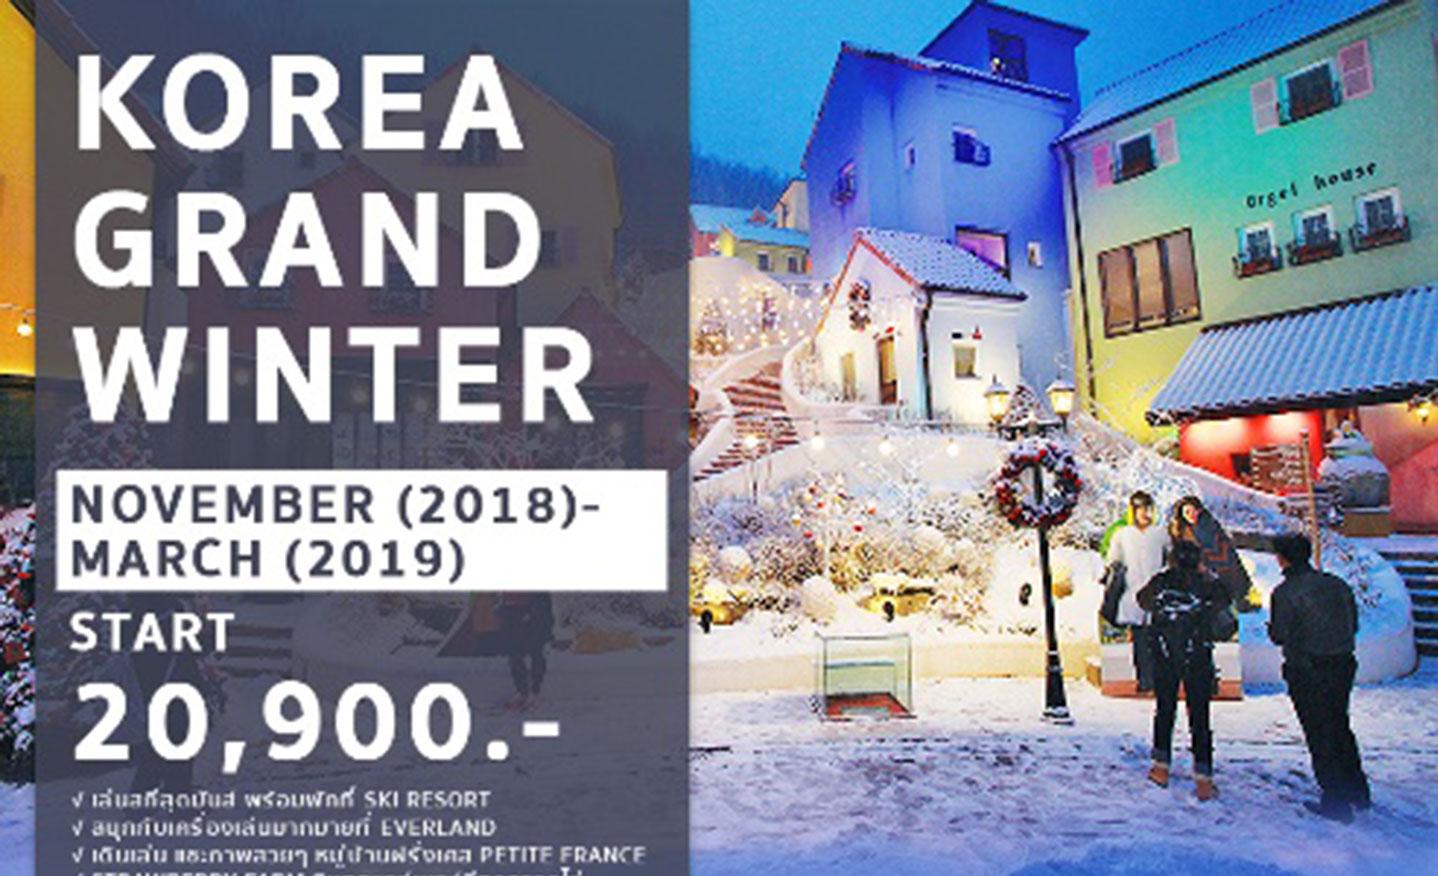 ทัวร์เกาหลี Korea Grand Winter (พ.ย.18-มี.ค.19)